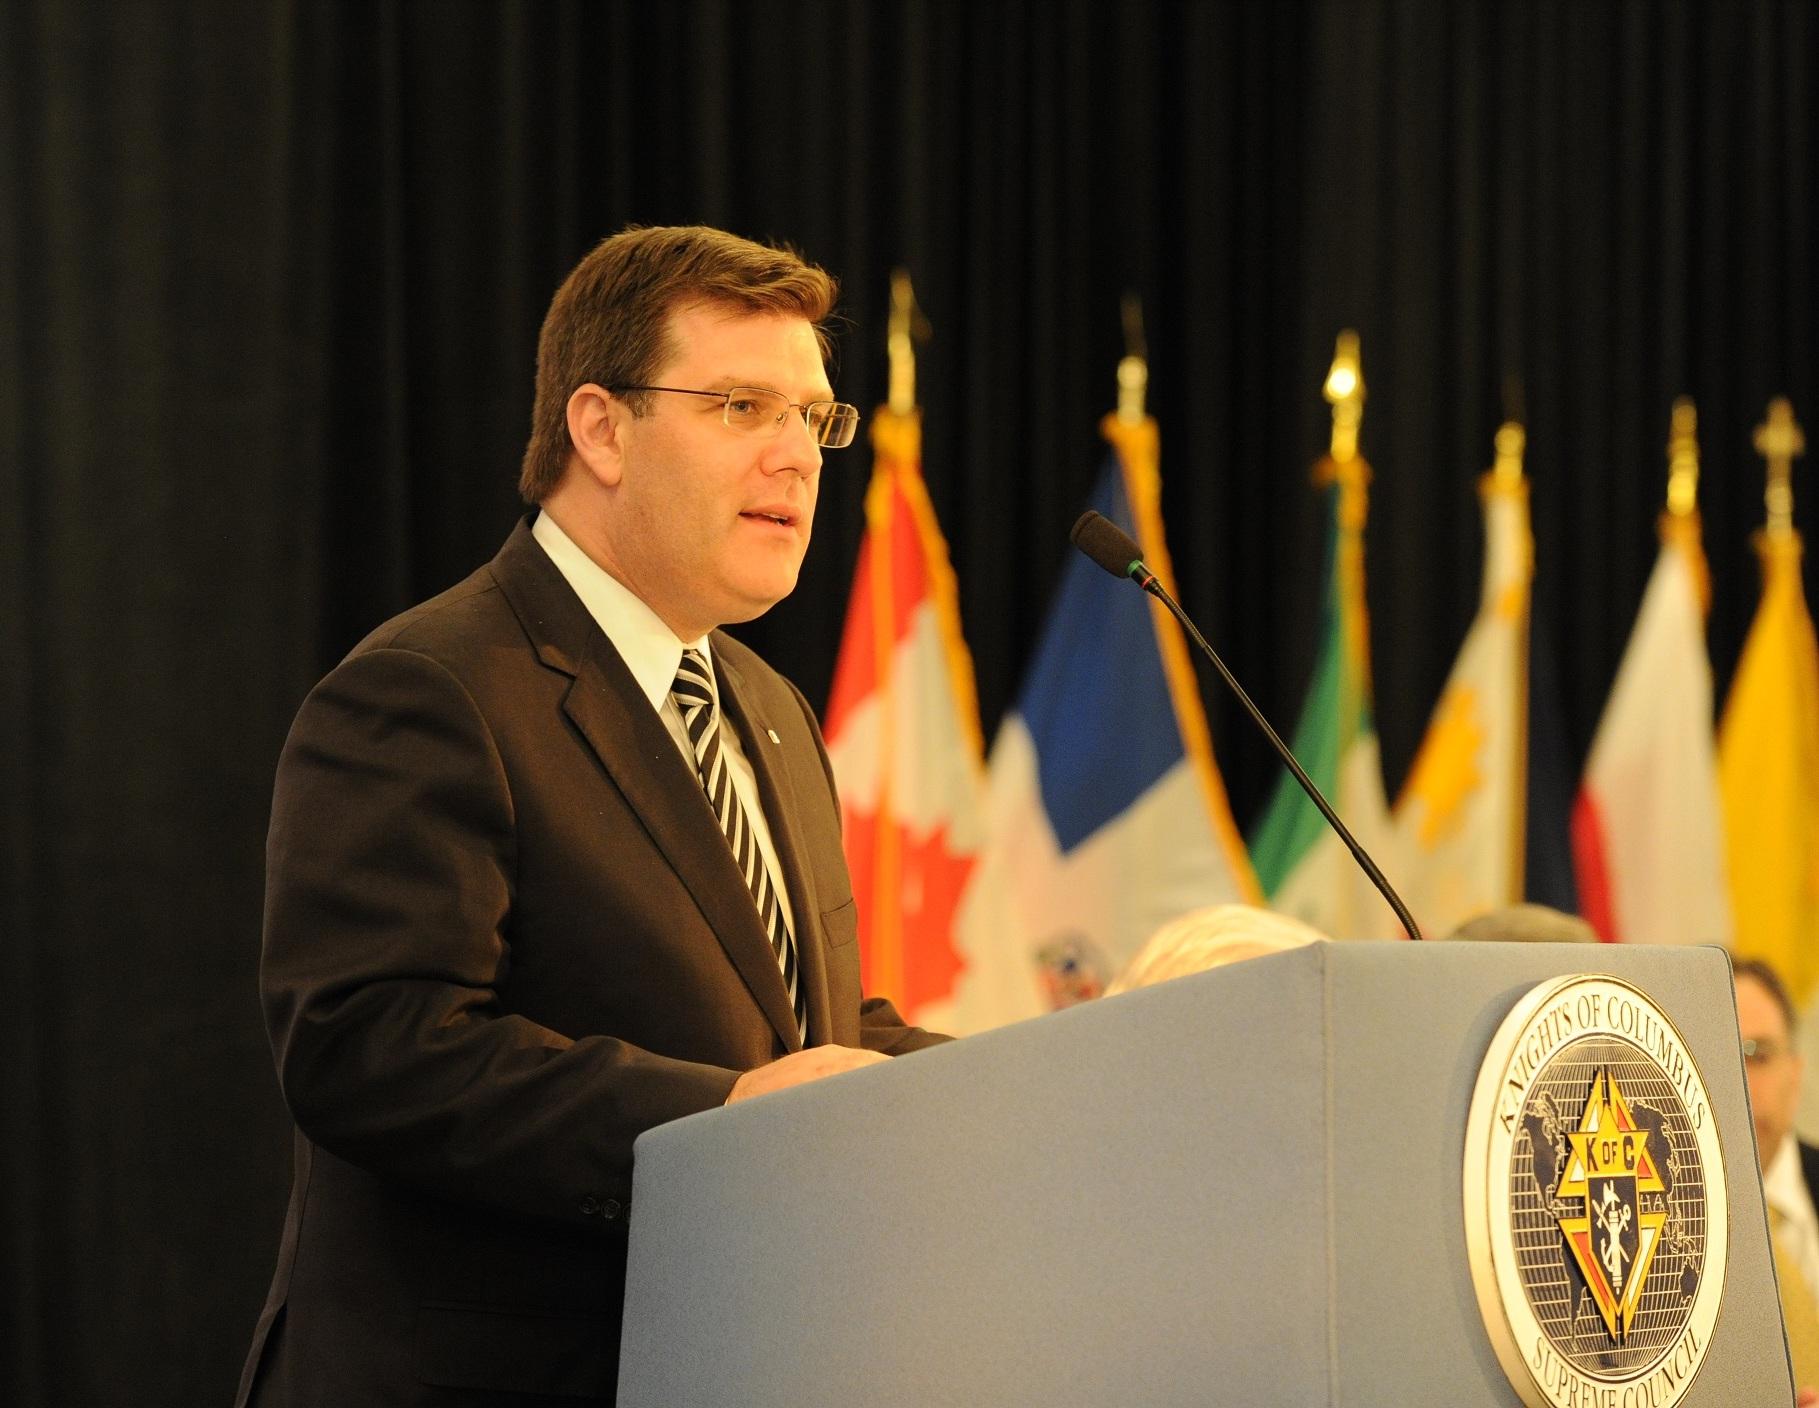 Knights of Columbus state deputies meeting in June 2011.